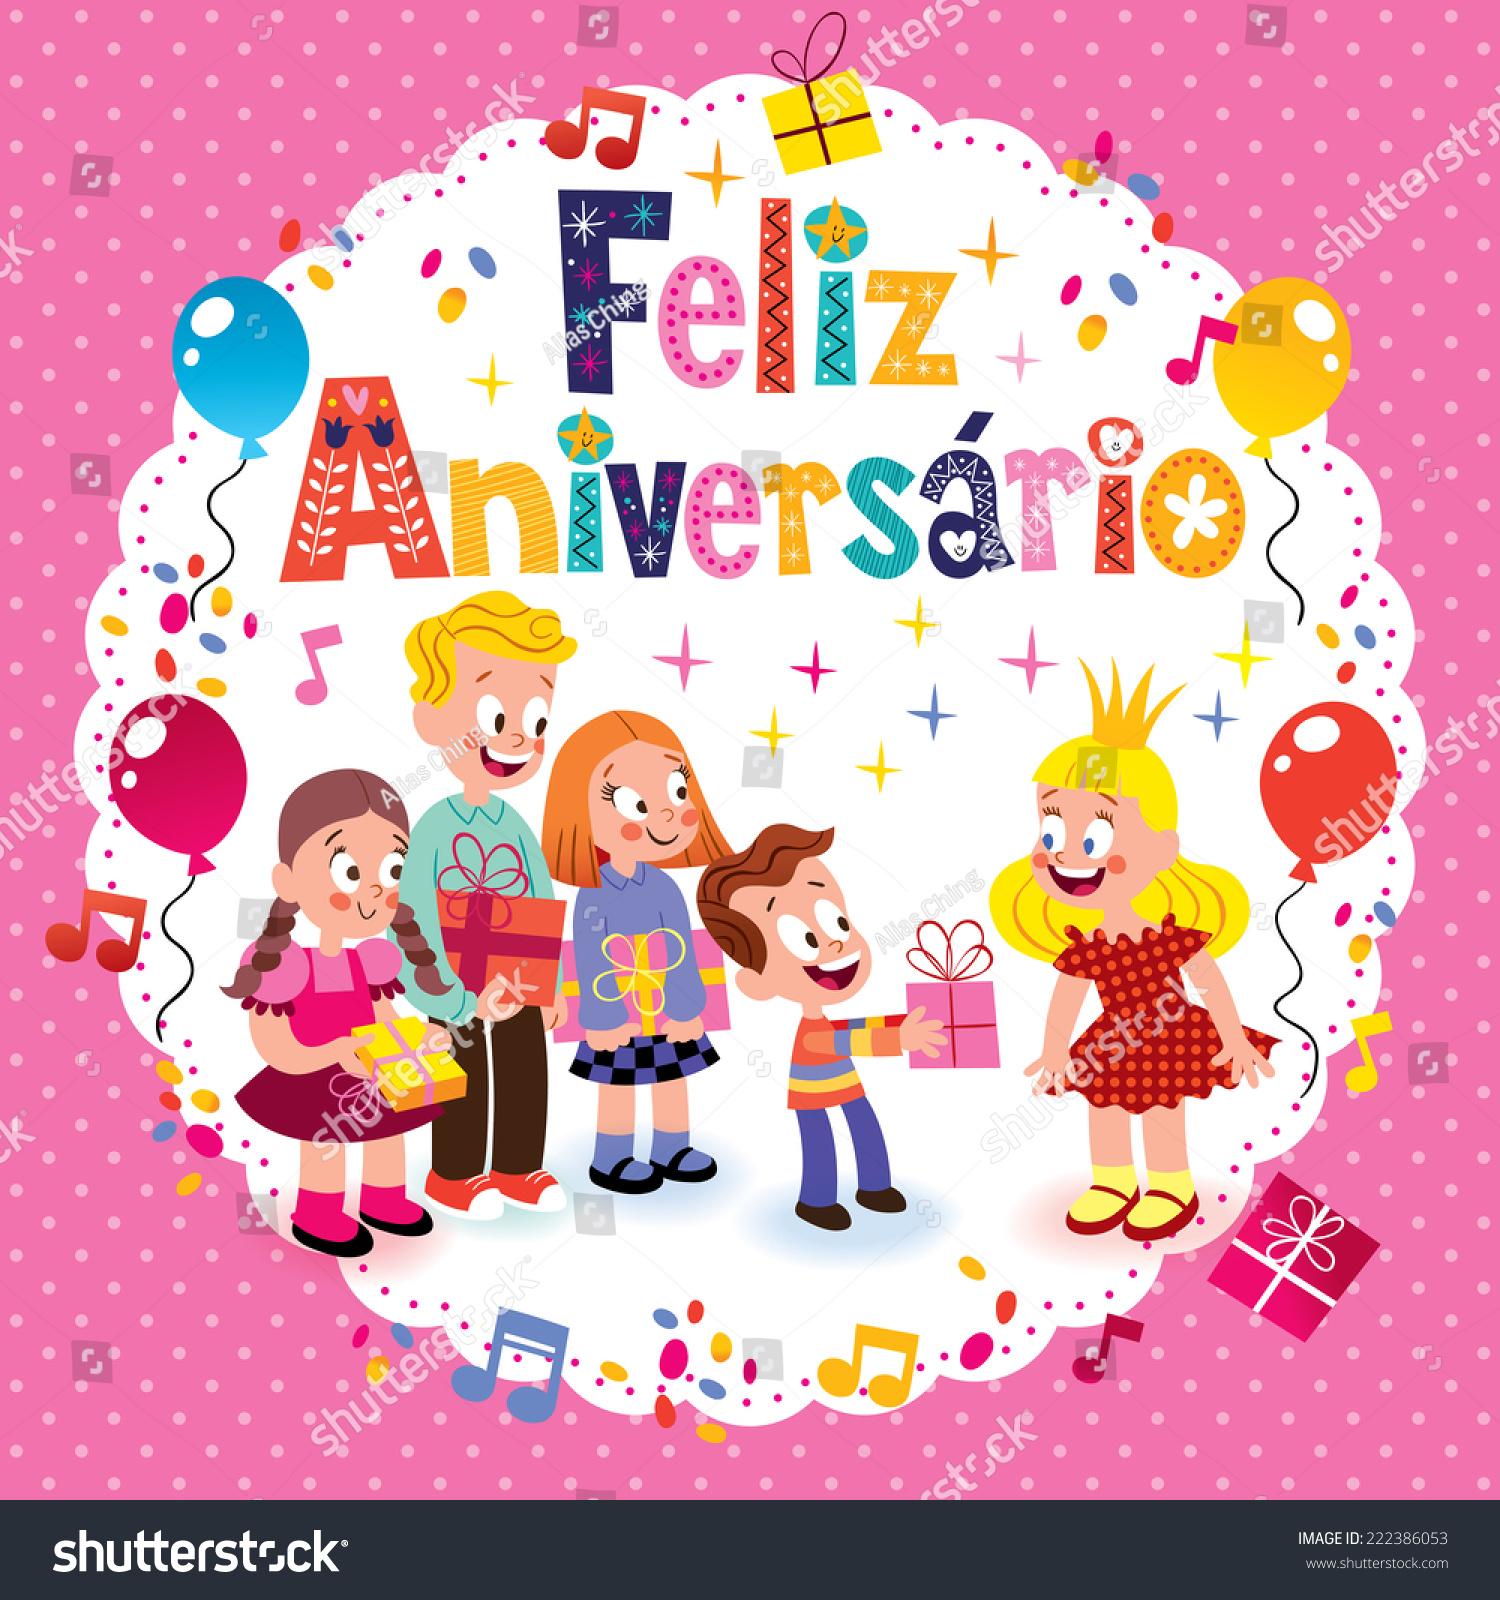 Feliz Aniversario Brazilian Portuguese Happy Birthday Vector – Portuguese Birthday Cards